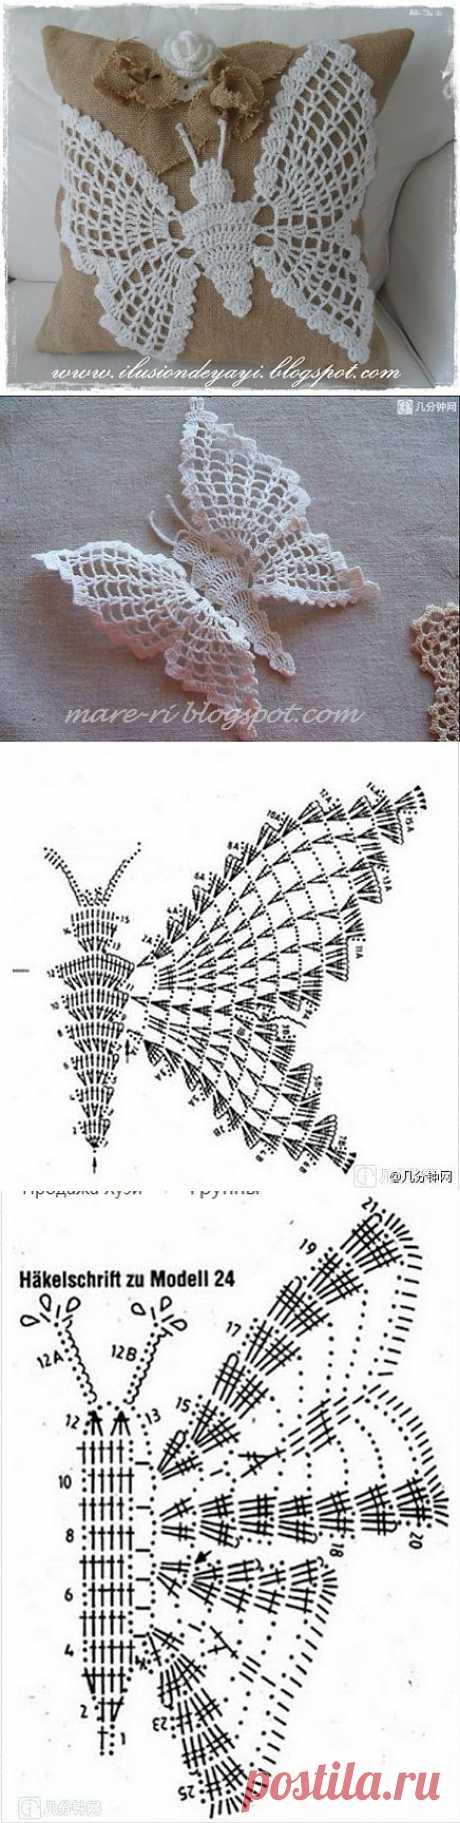 Бабочка крючком для украшения подушки из мешковины. Схемы бабочек.